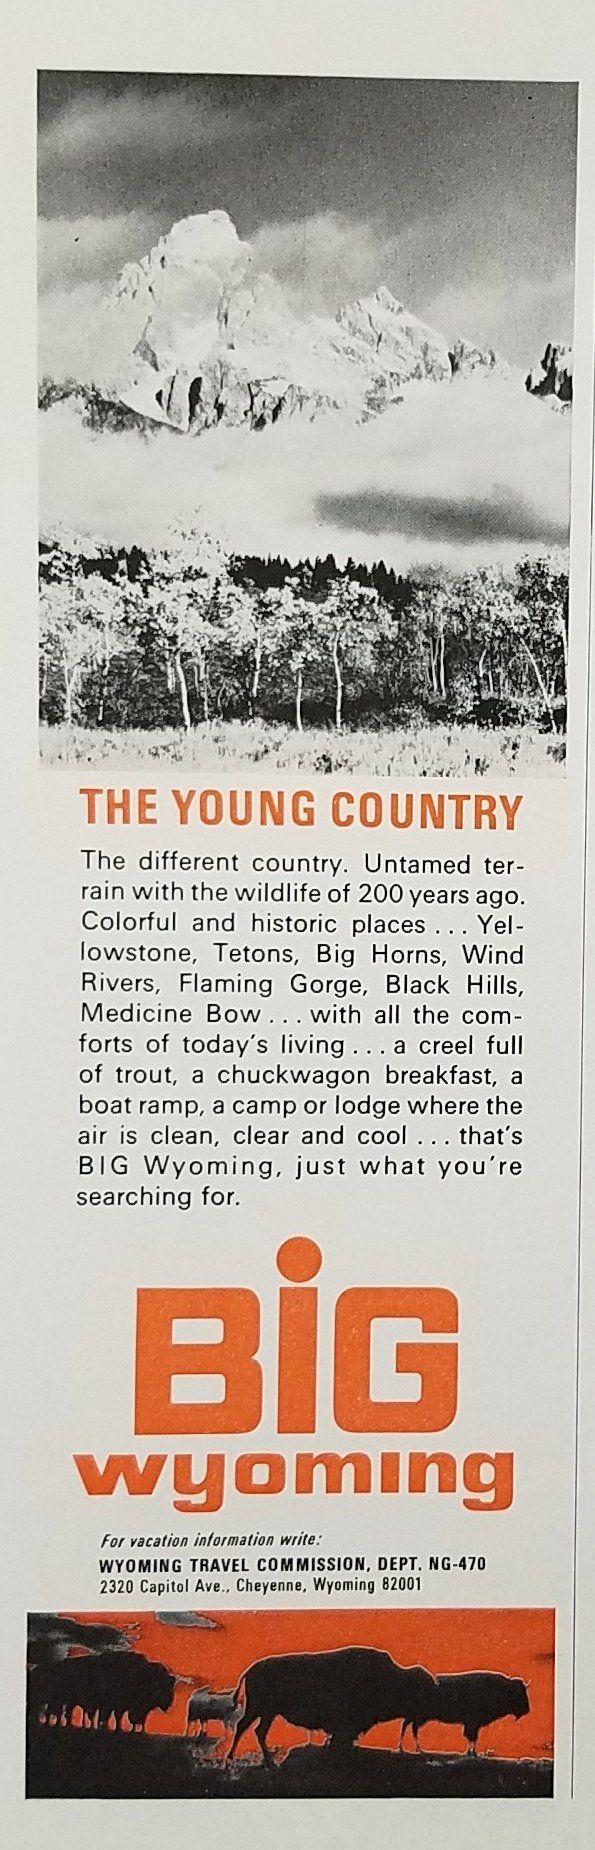 1970's Wyoming Tourist Tourism Vintage Ad